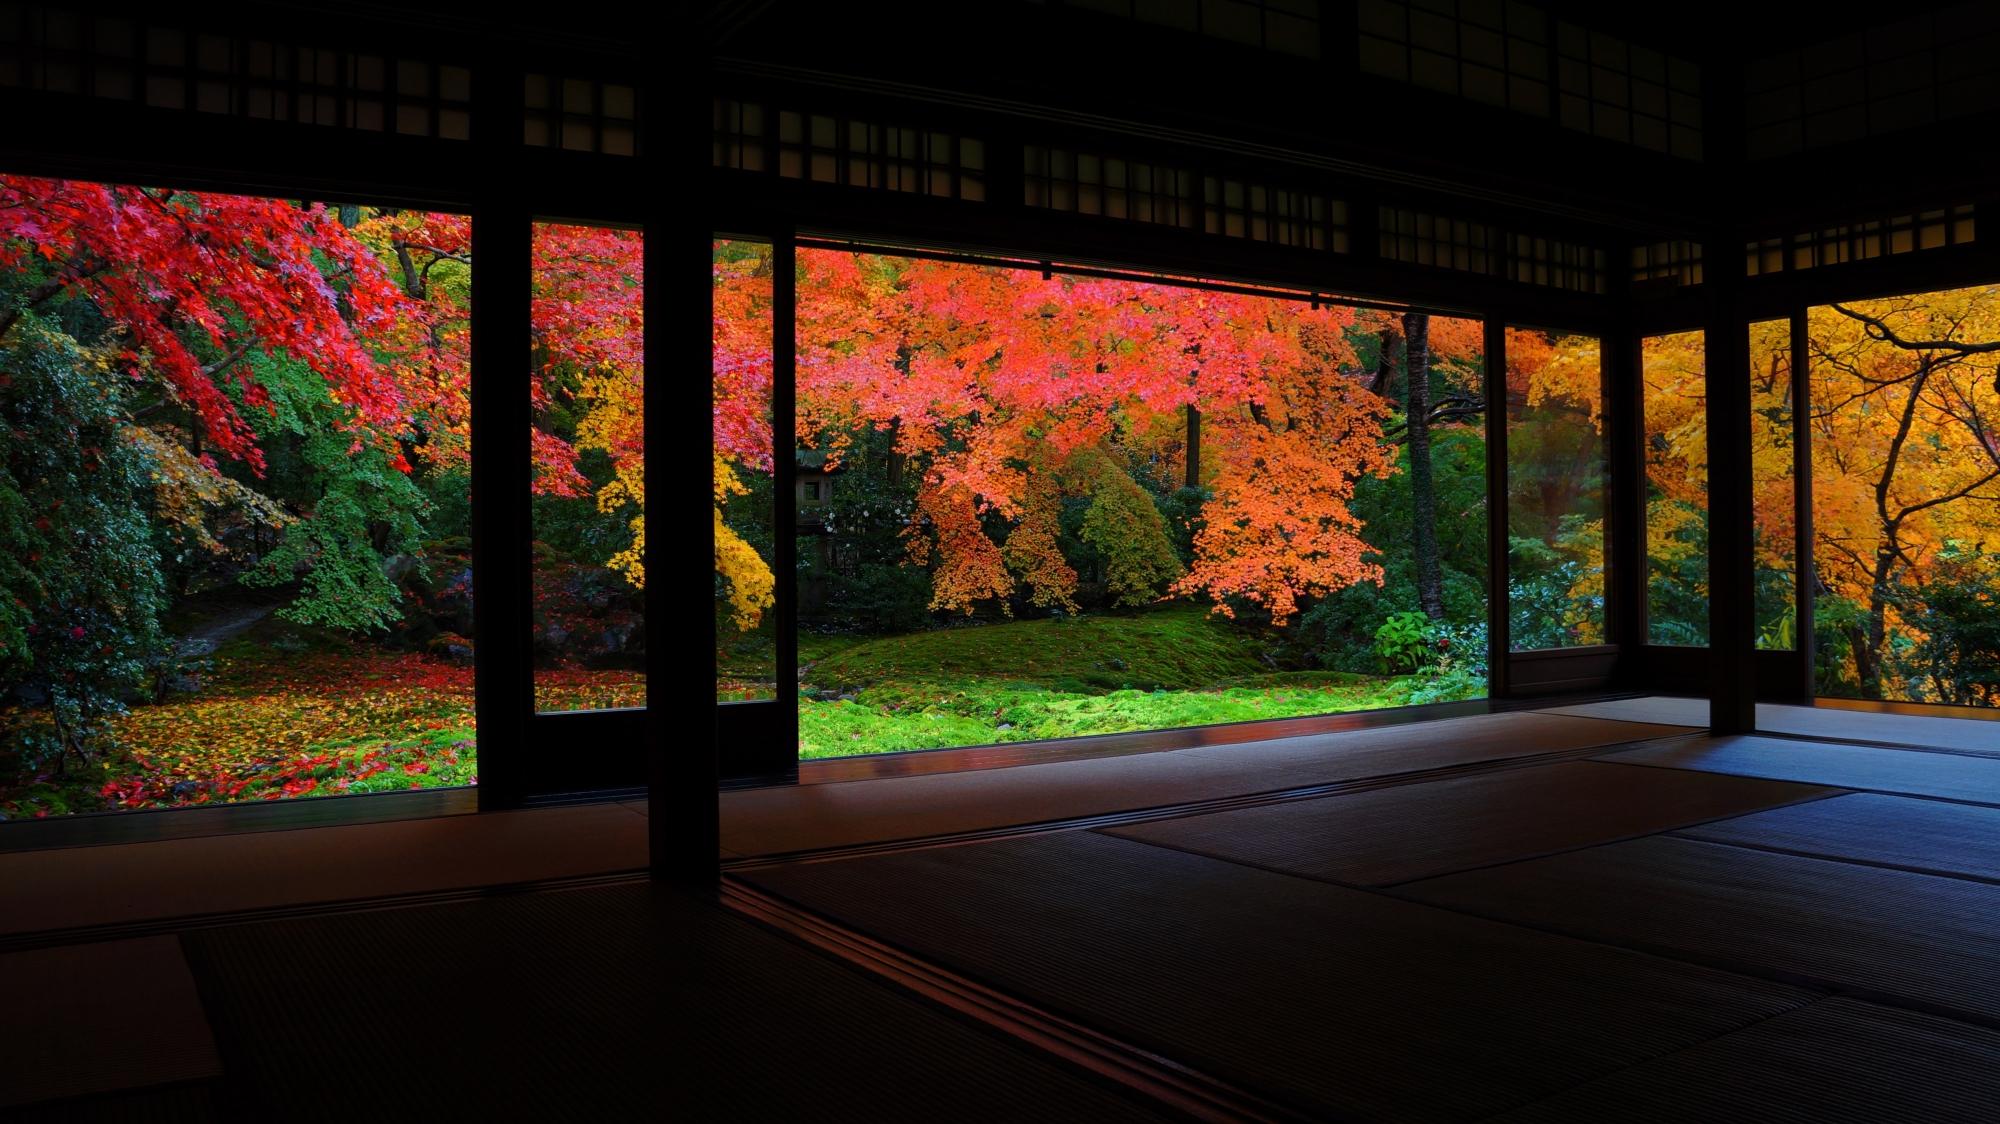 書院の奥から眺めた風情あり美しくもある瑠璃の庭